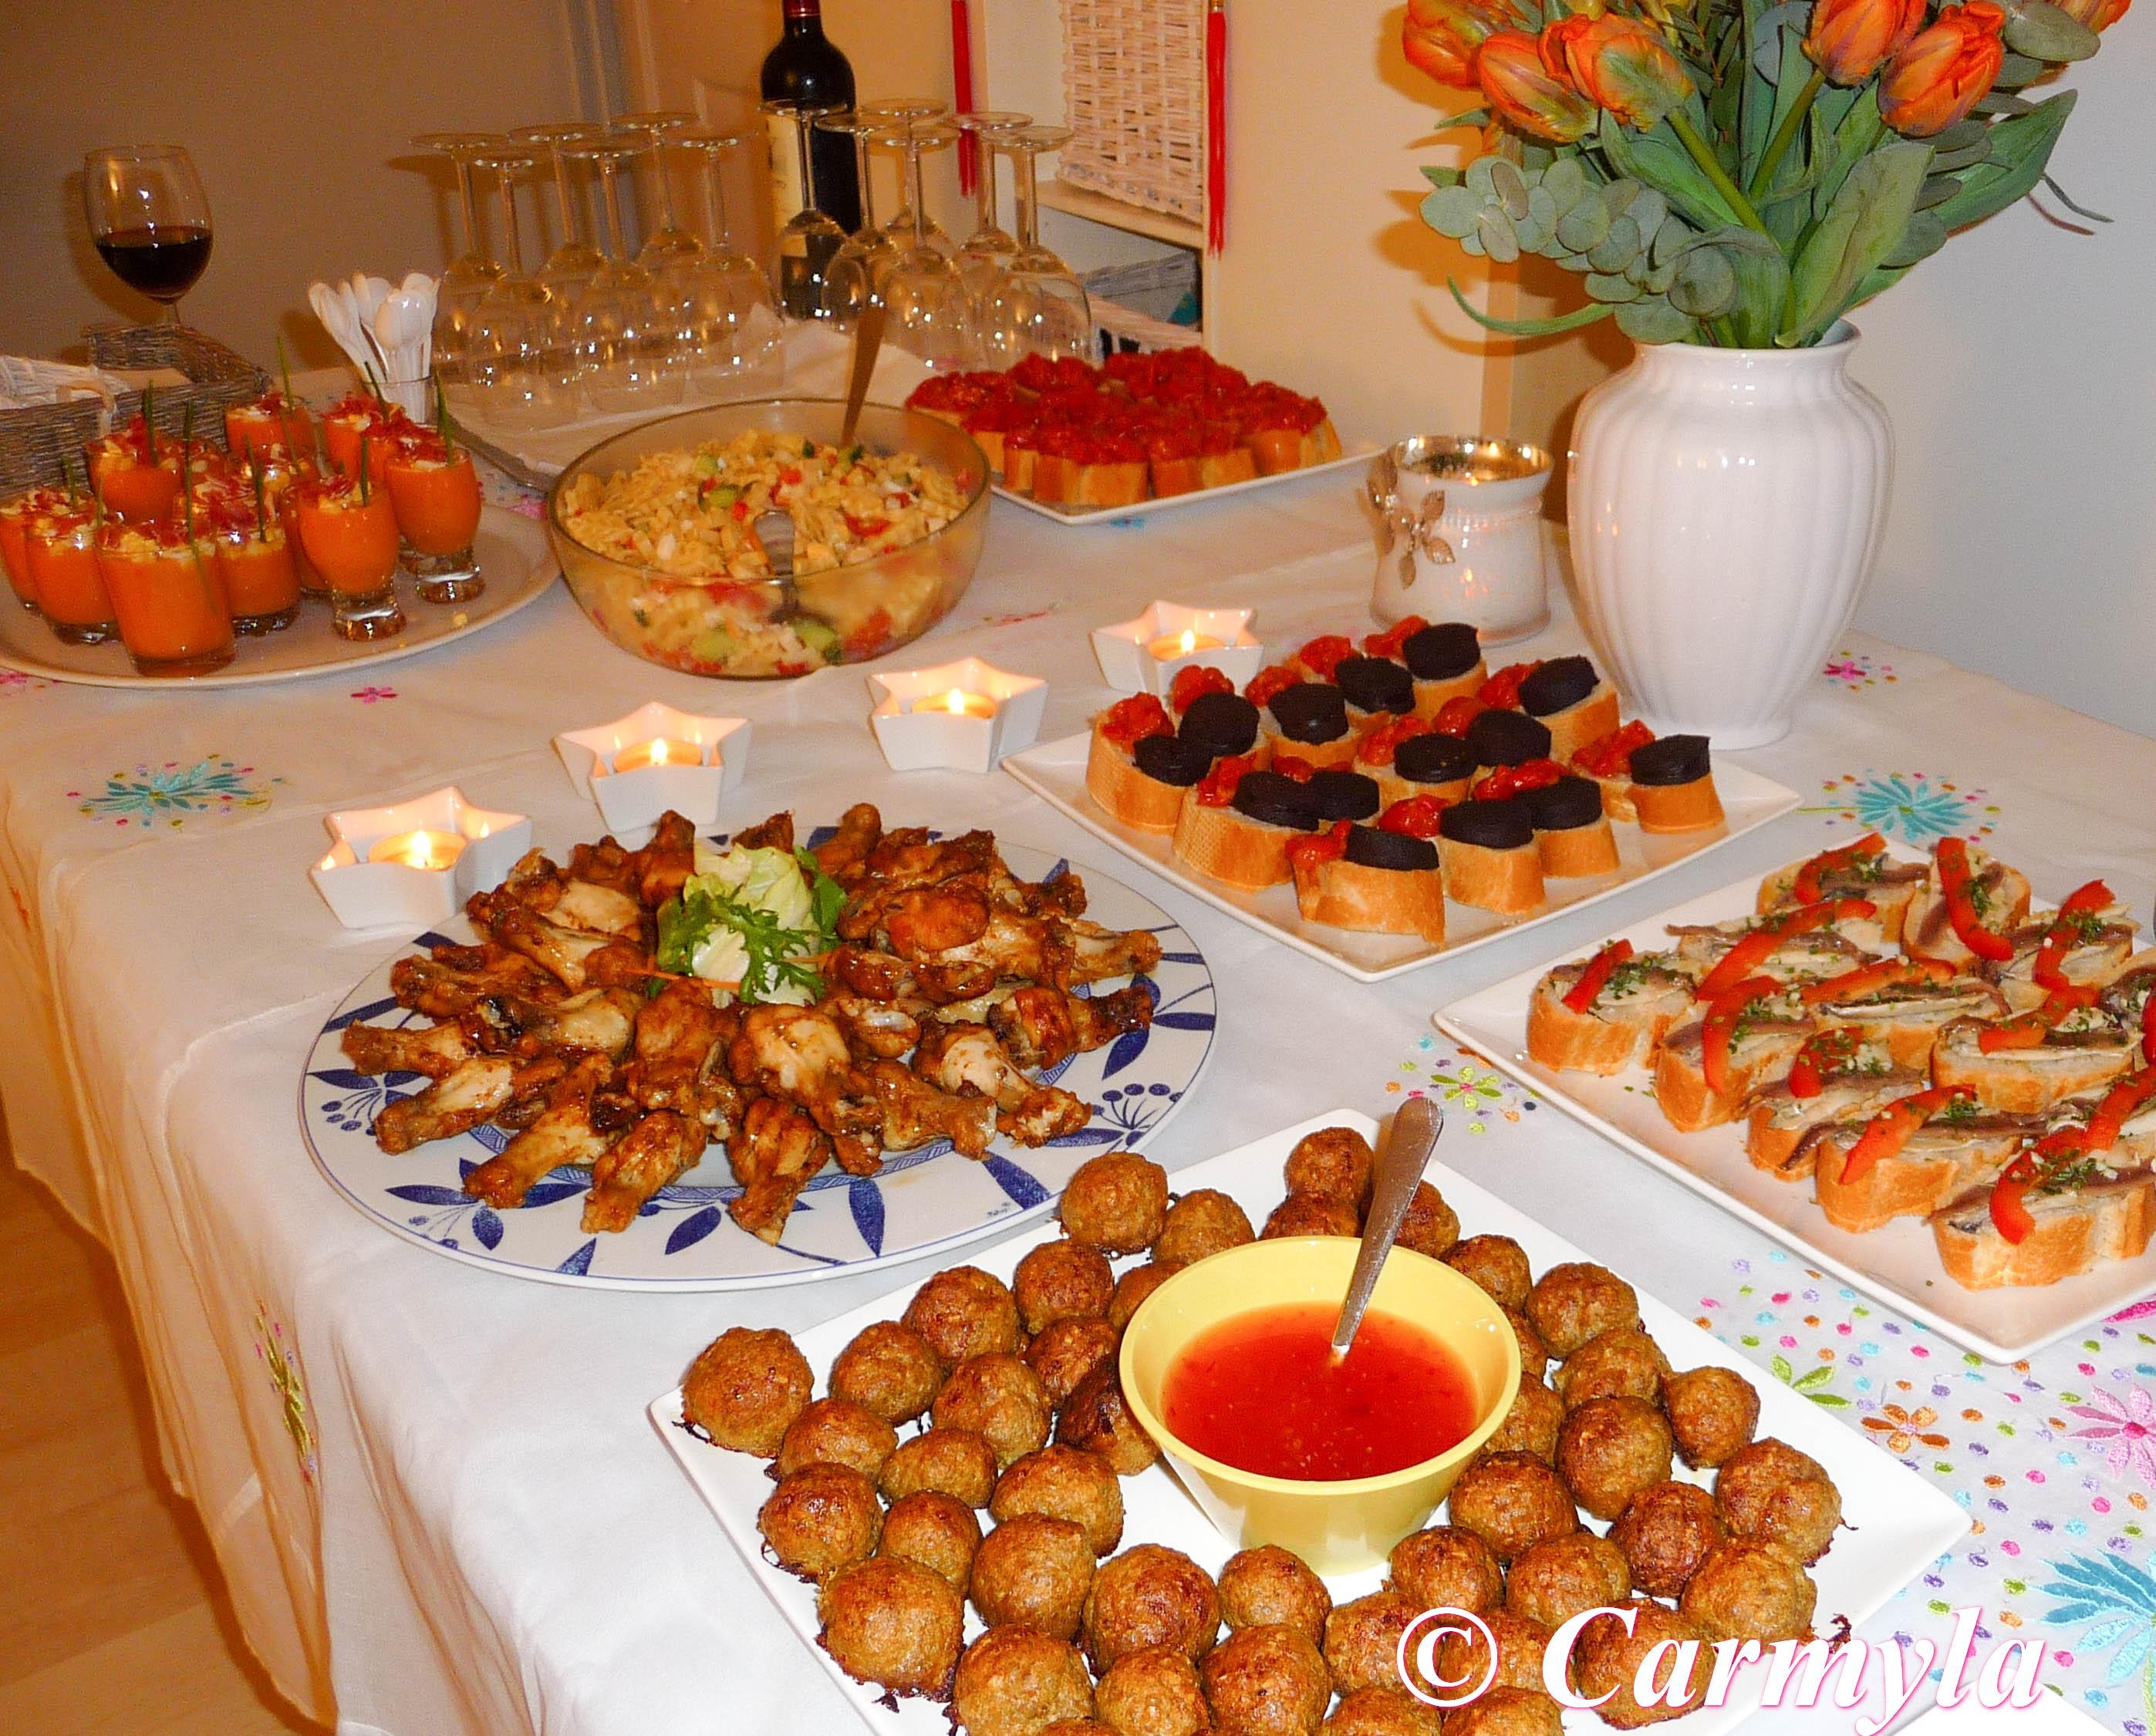 Buffet de tapas para cumplea os para 15 personas carmyla for Ideas para comidas caseras